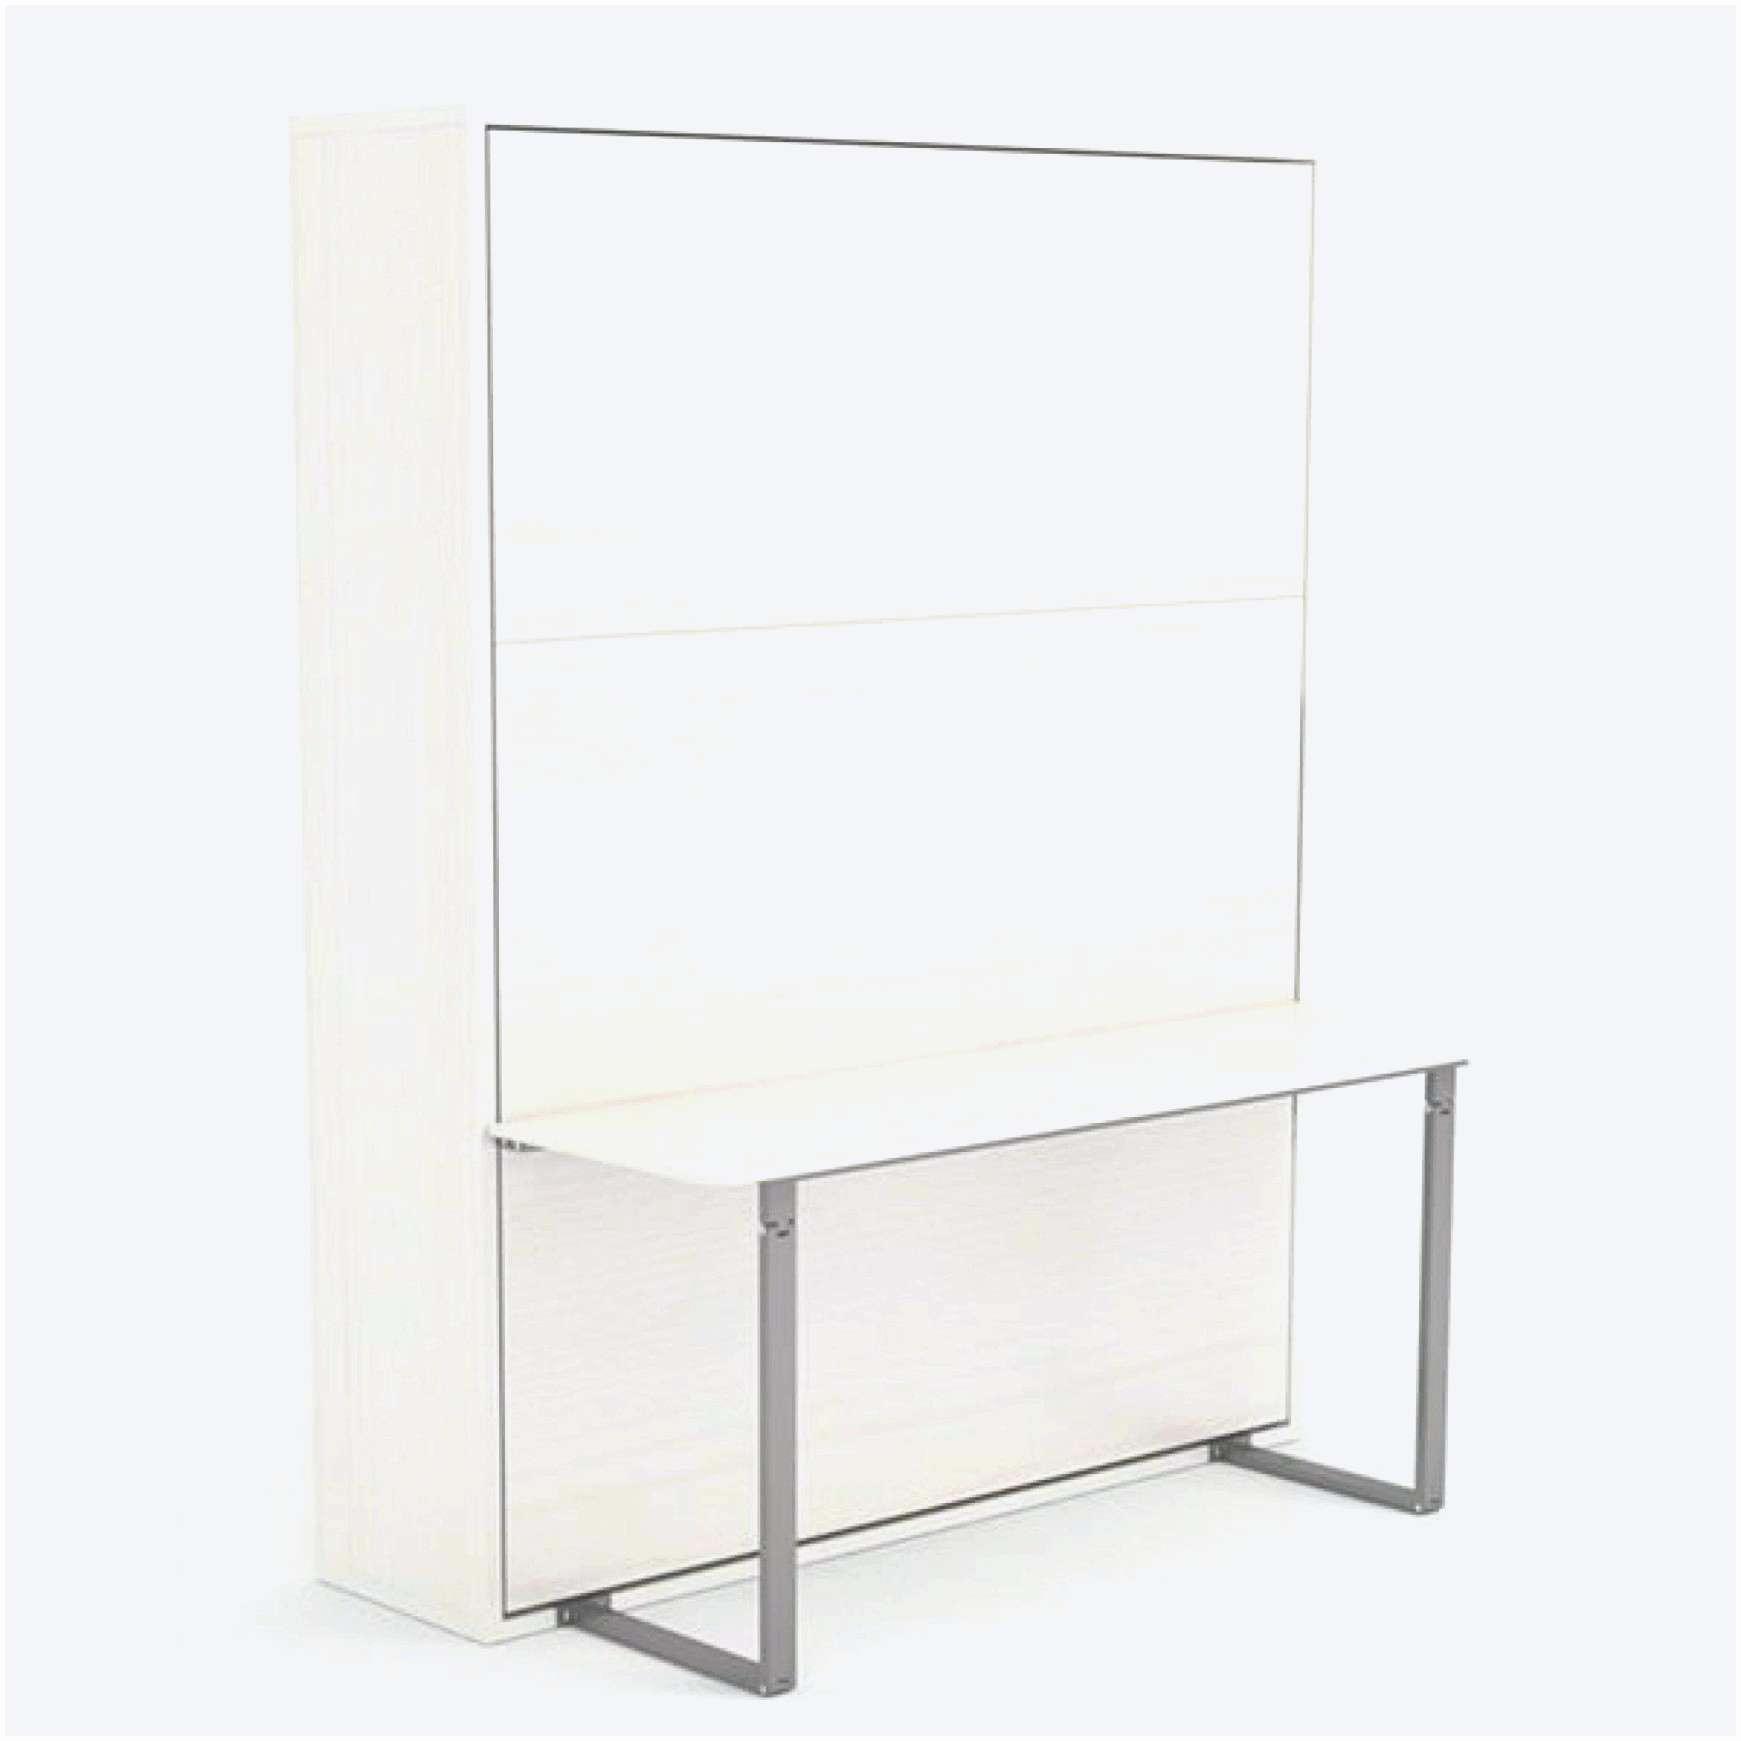 Armoire Lit Escamotable Ikea Impressionnant Elégant Lit ... tout Lit Escamotable Conforama